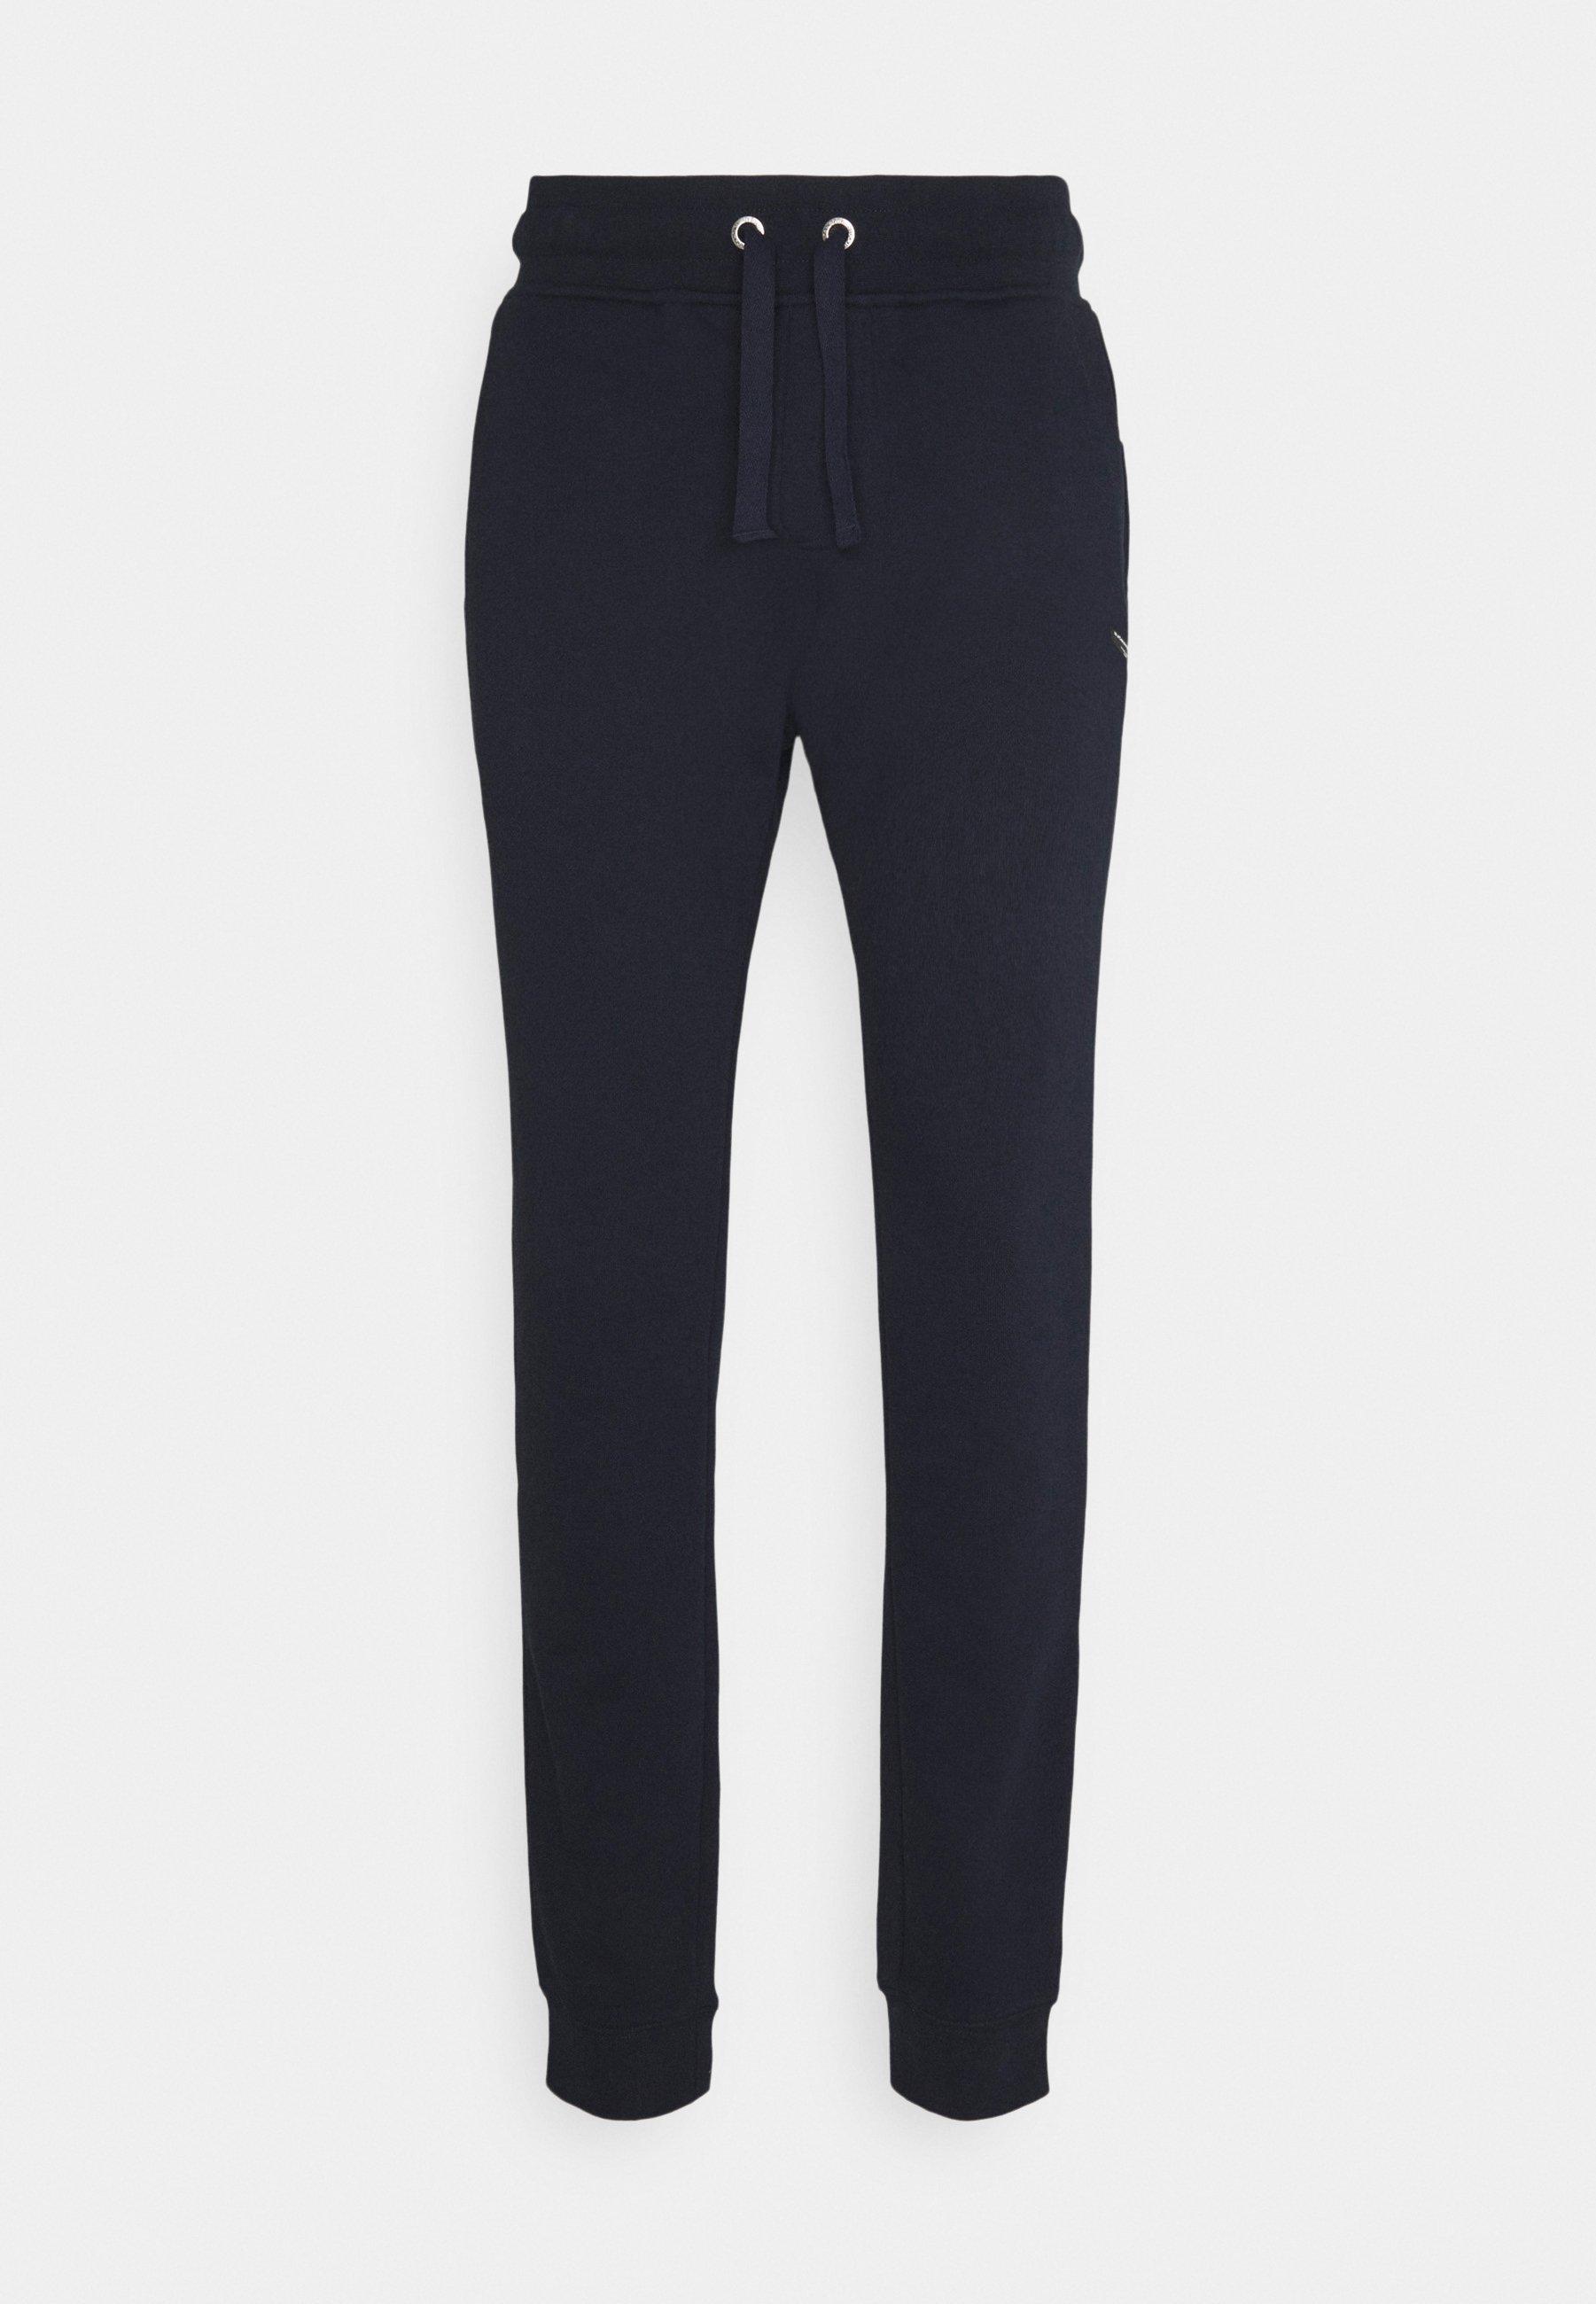 Homme CENTRE TAPERED PANT - Pantalon de survêtement